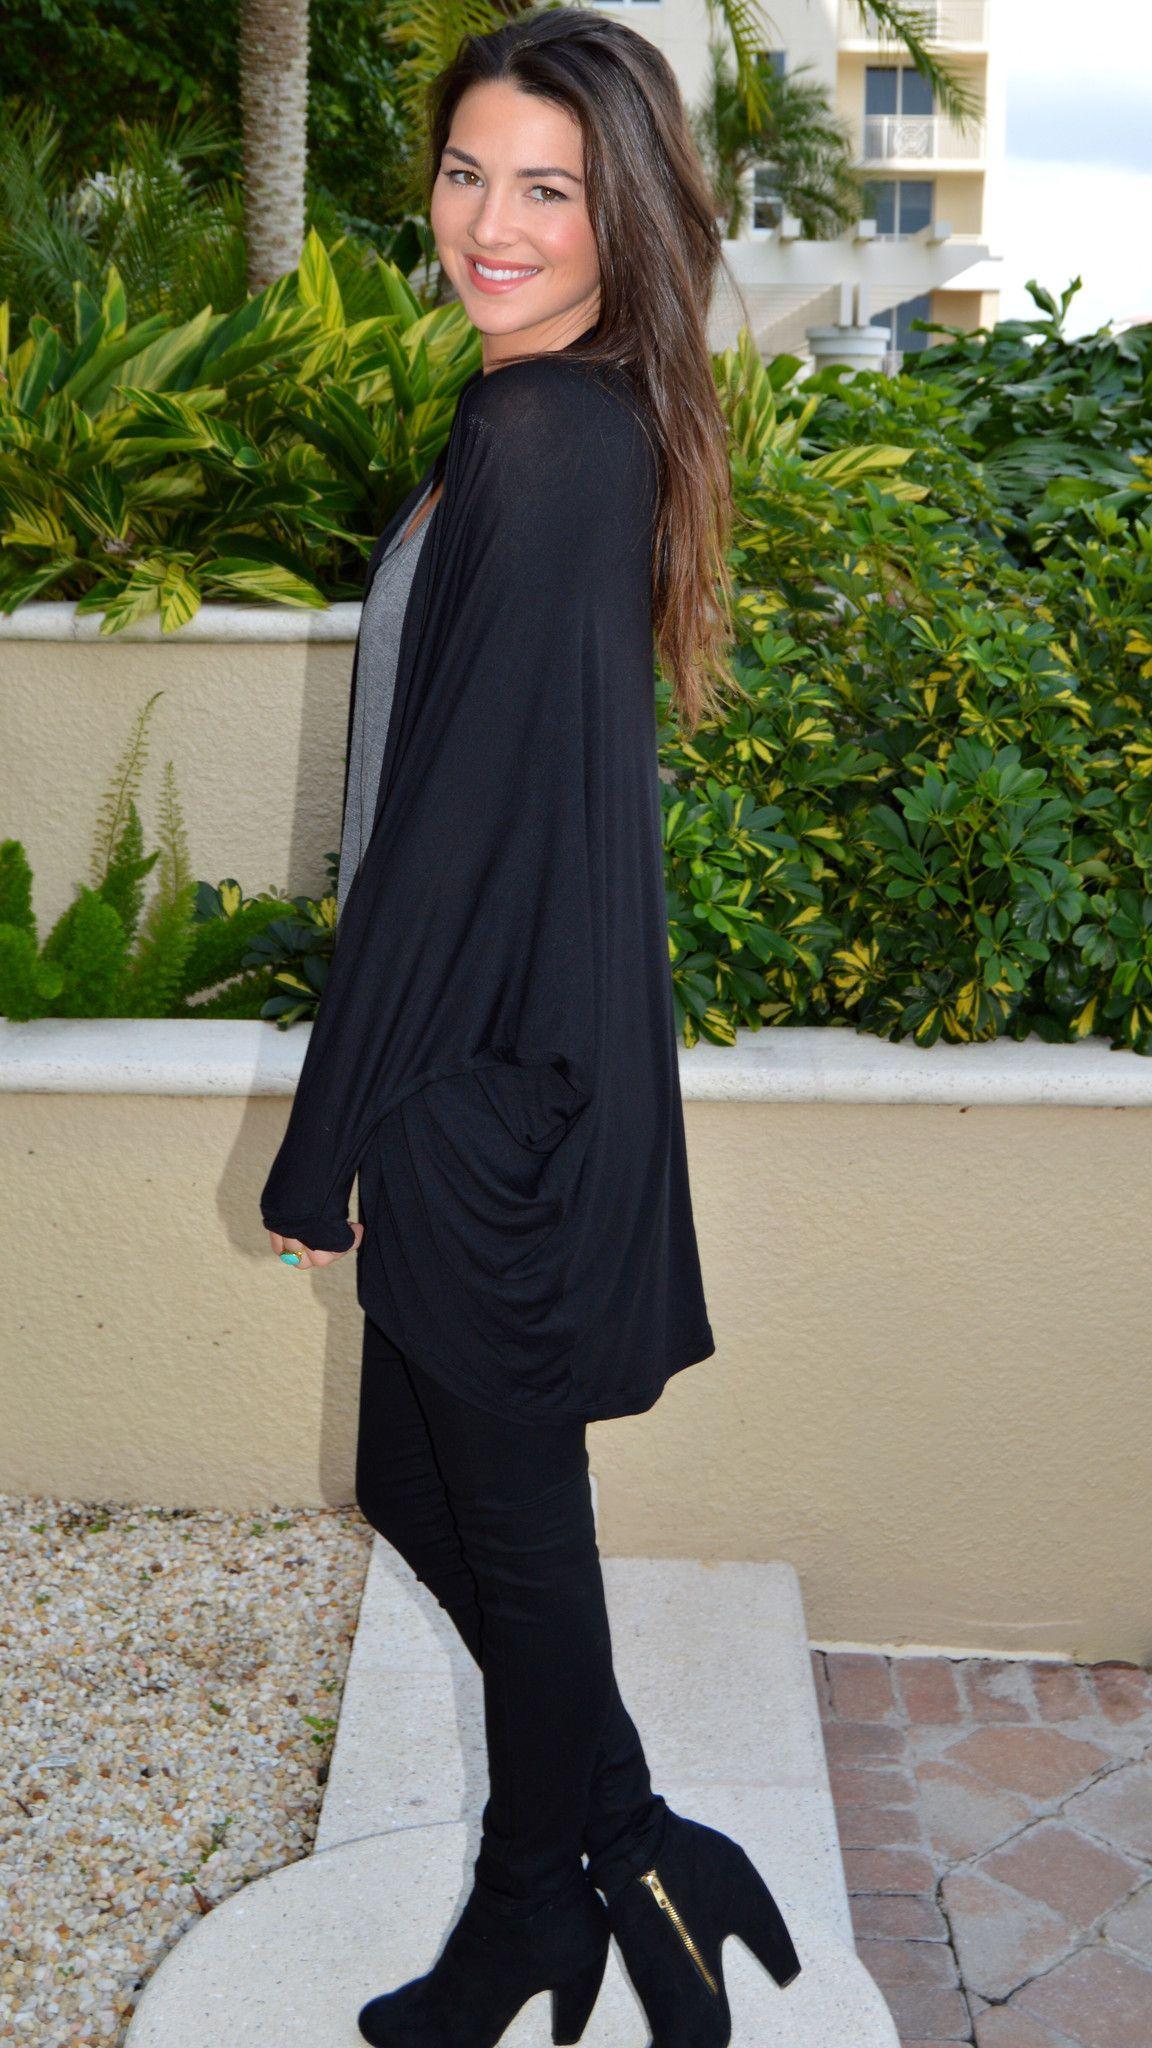 Black Widow Kimono Cardigan | Style | Pinterest | Kimonos, Fall ...